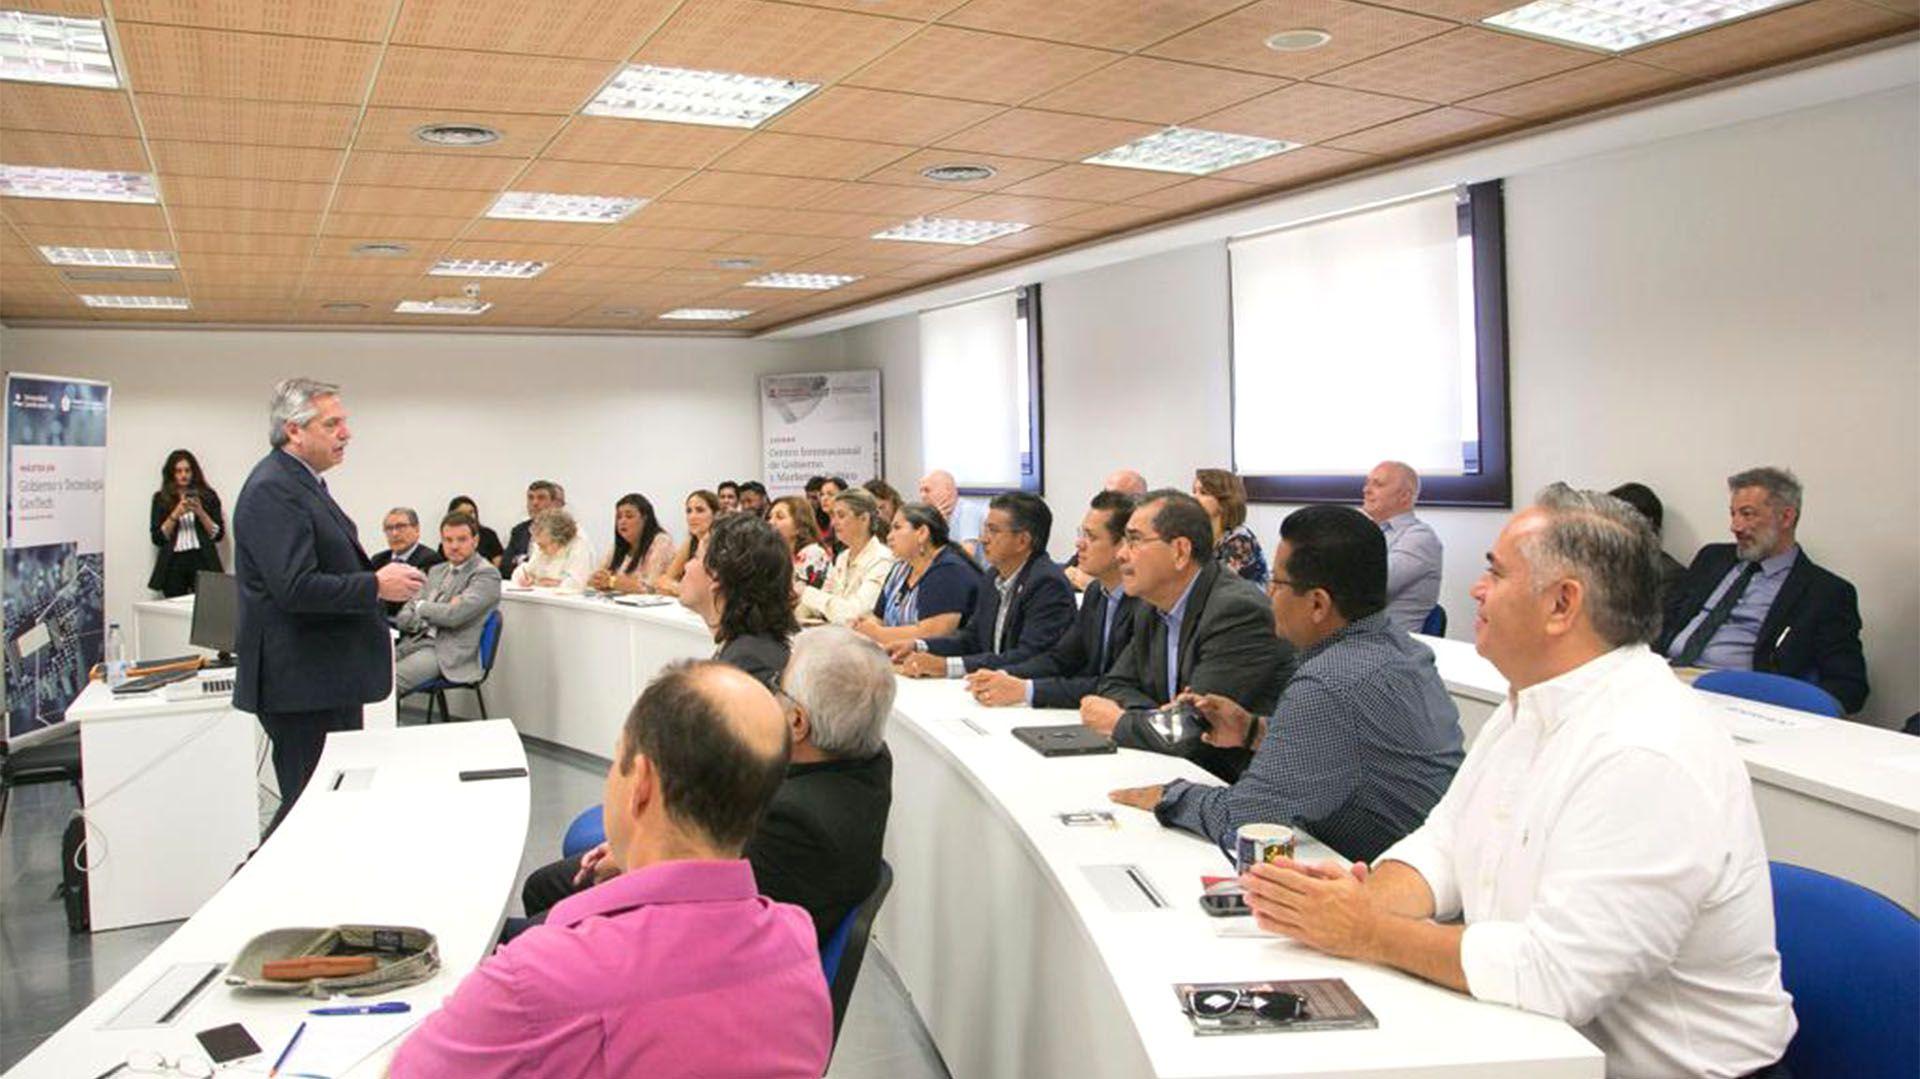 Fernández brindó una charla para aproximadamente treinta personas